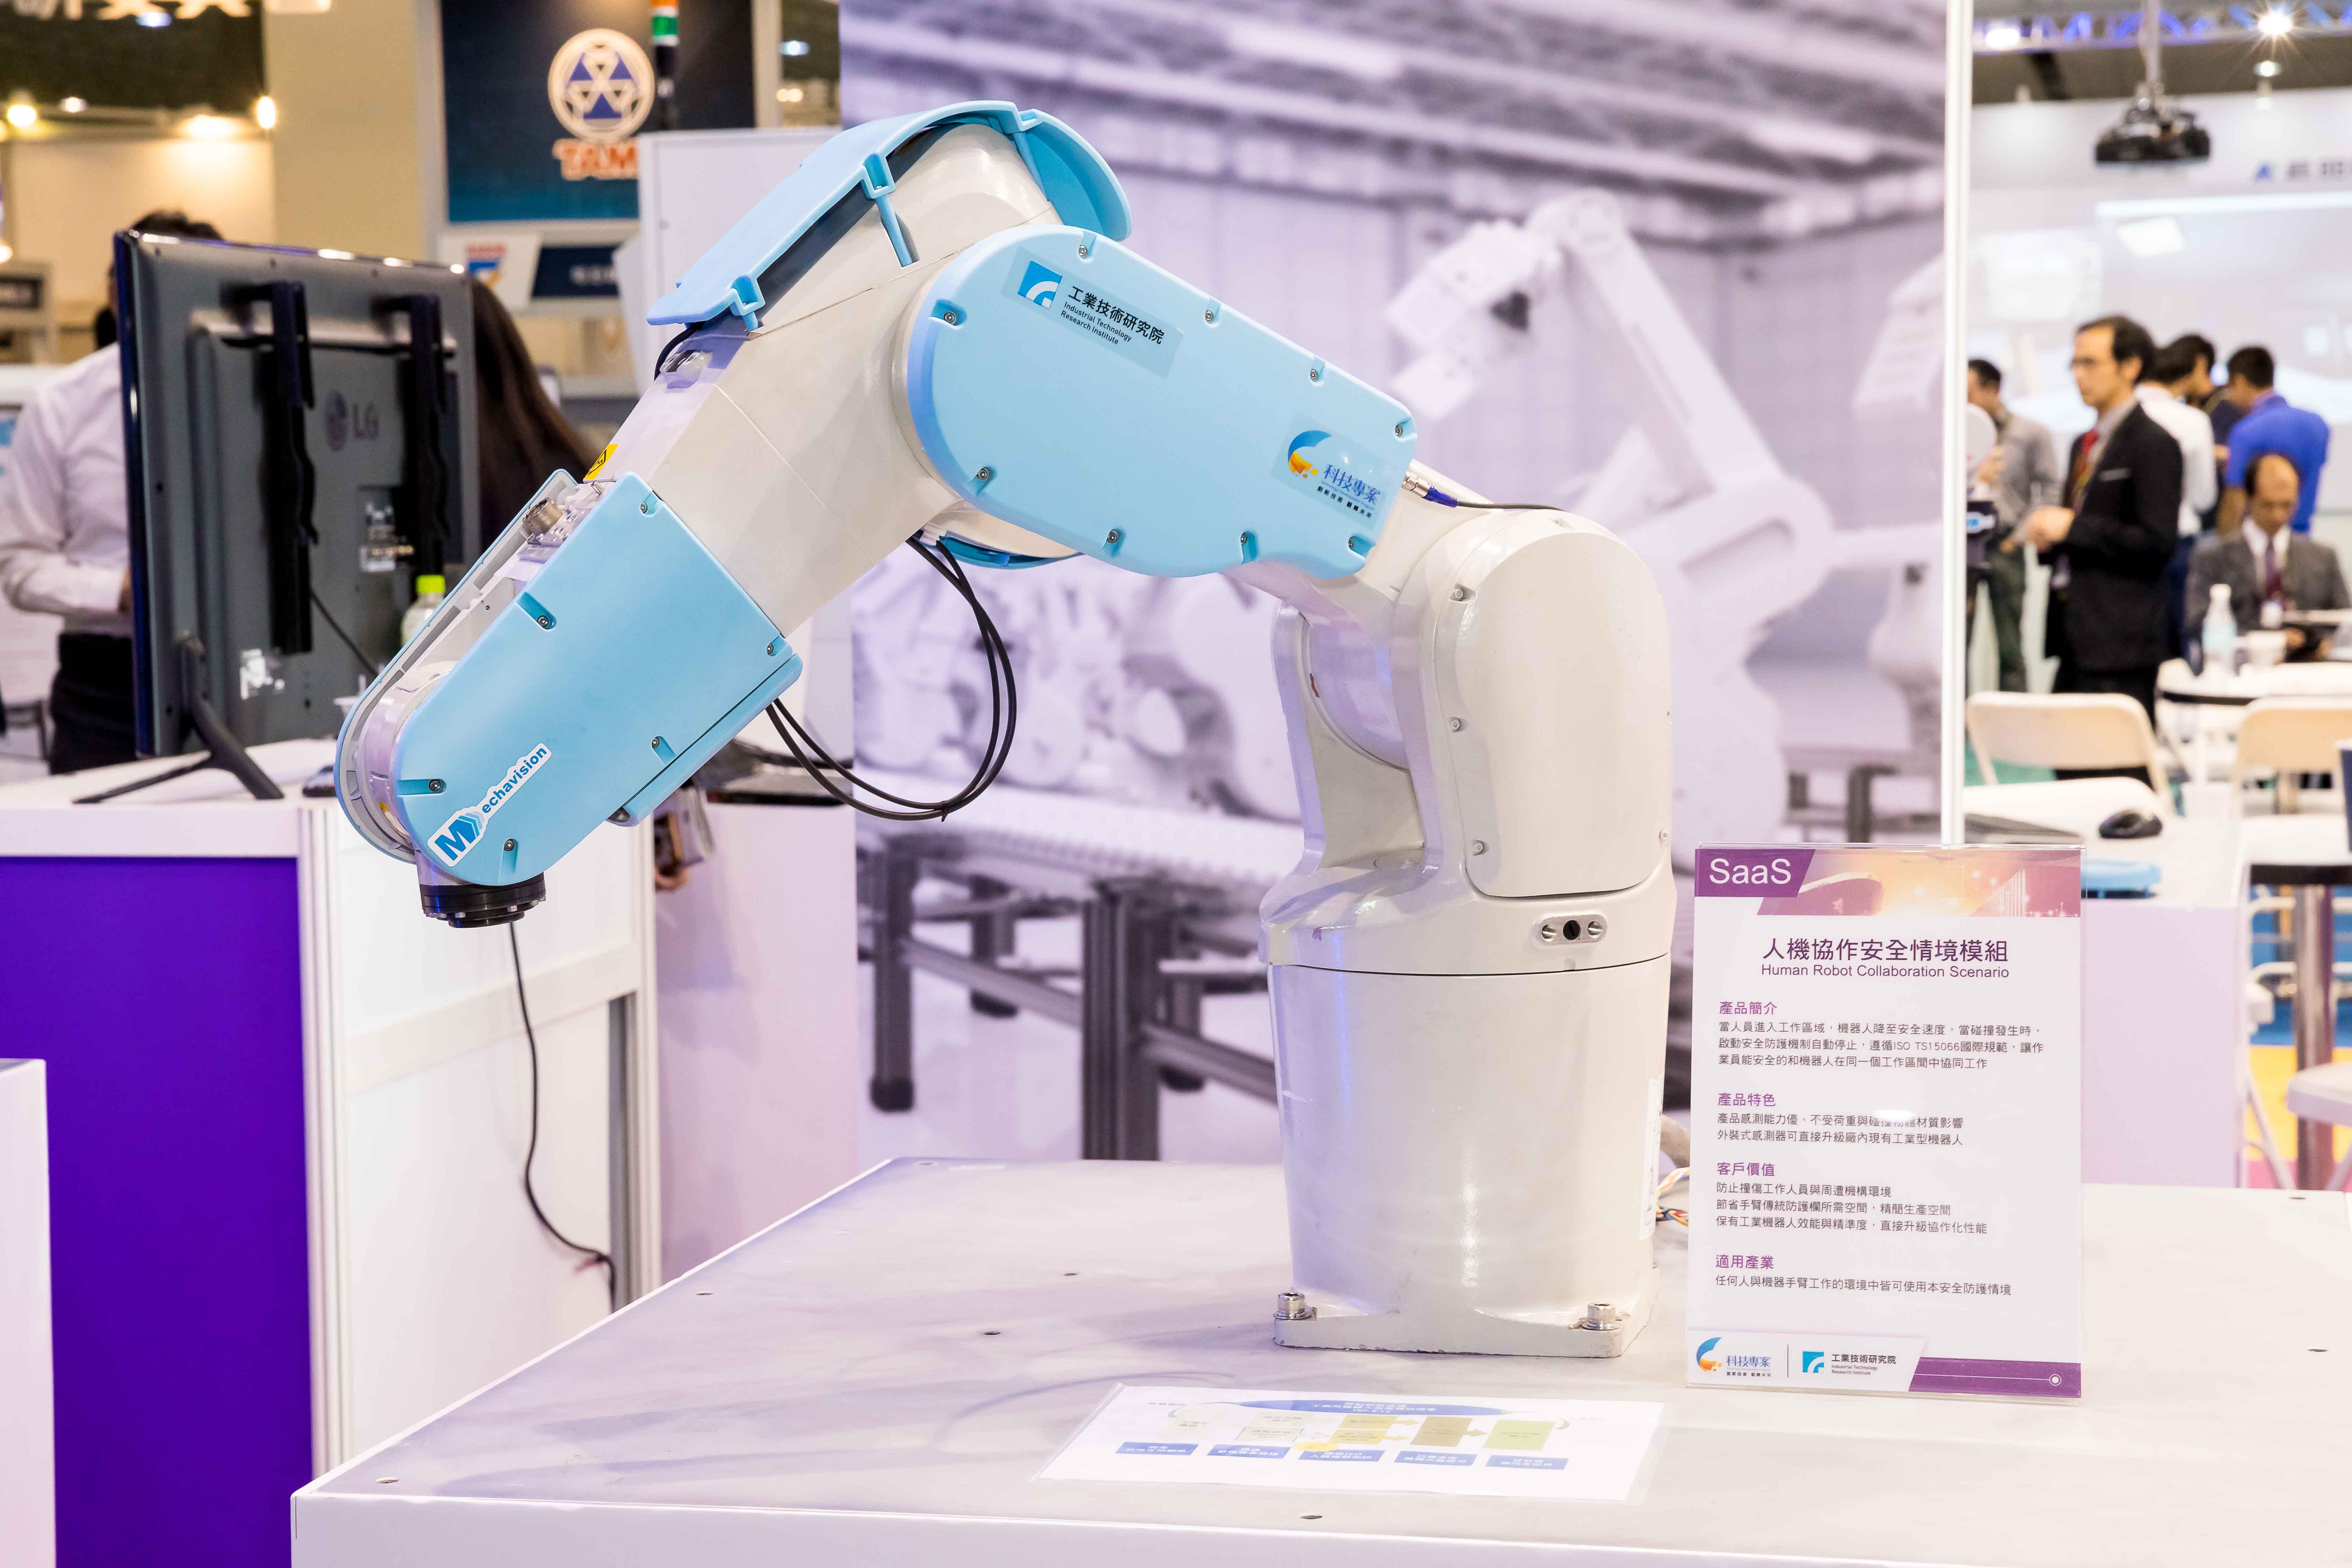 【創業超新星】機械與半導體-原見精機 讓機器人的皮膚很有感